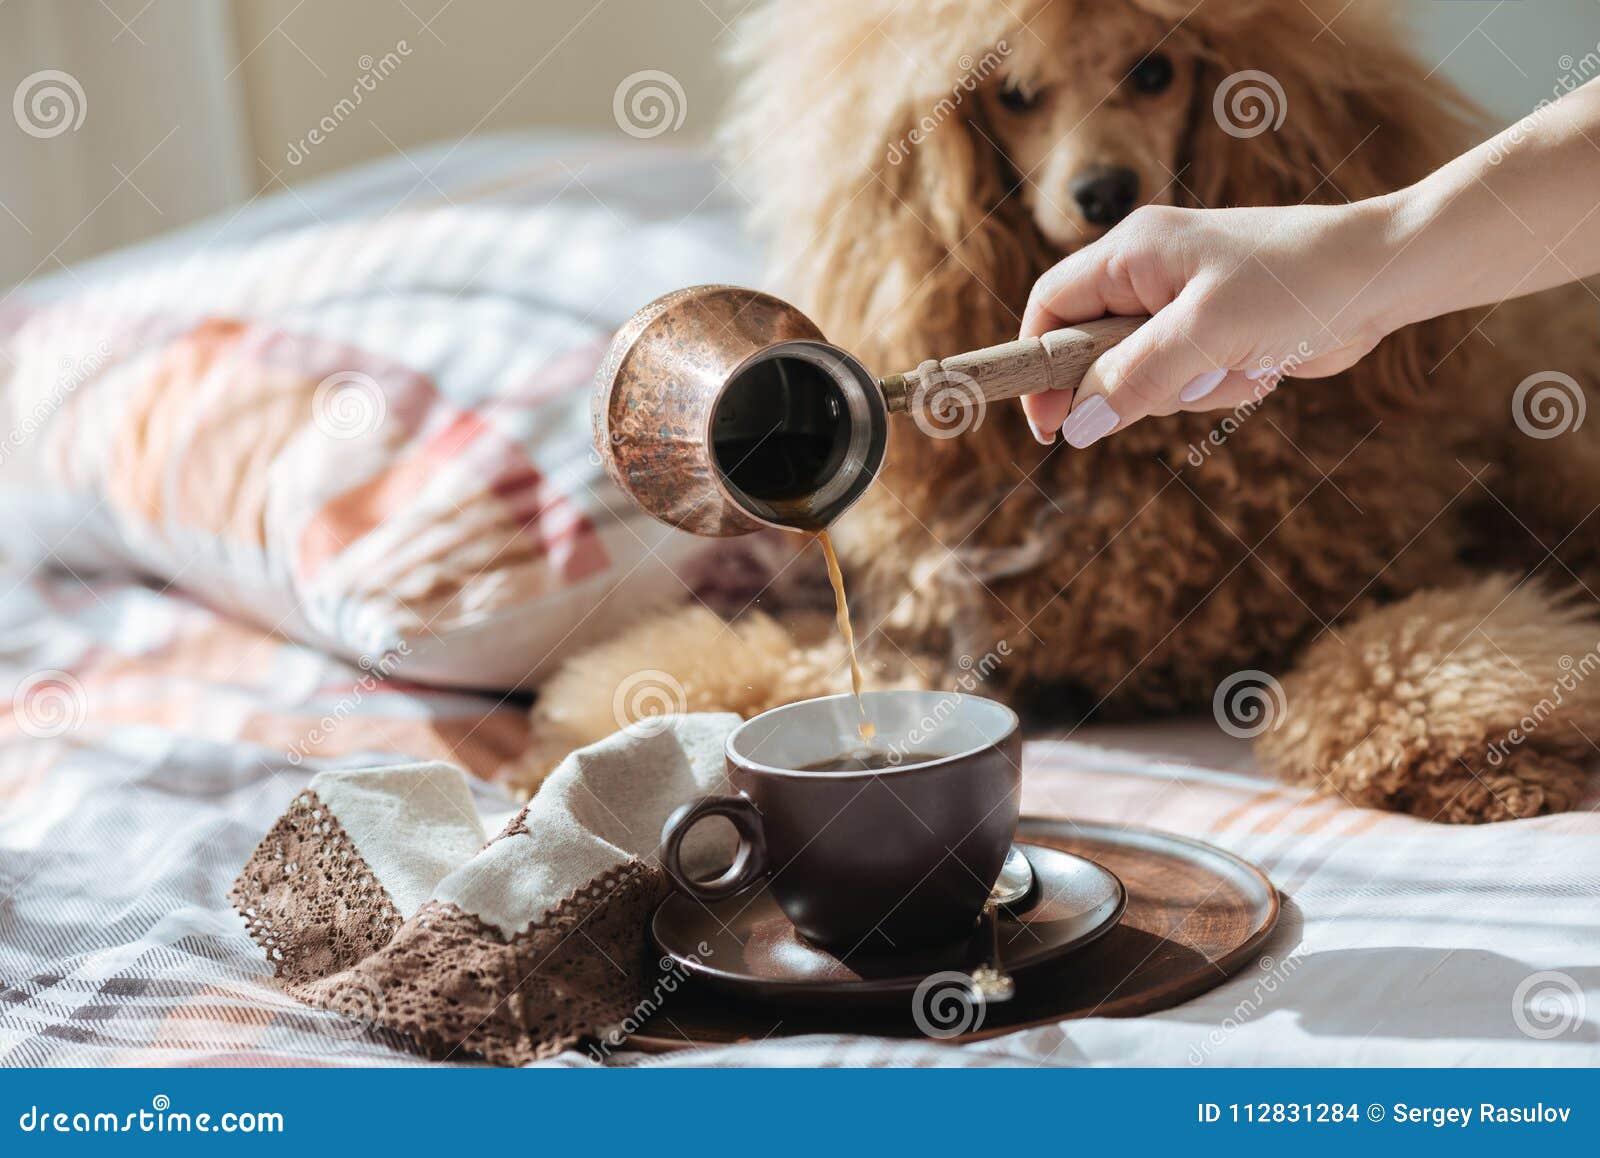 De jonge vrouw rust met een hond op het bed thuis en gietende koffie in een kop